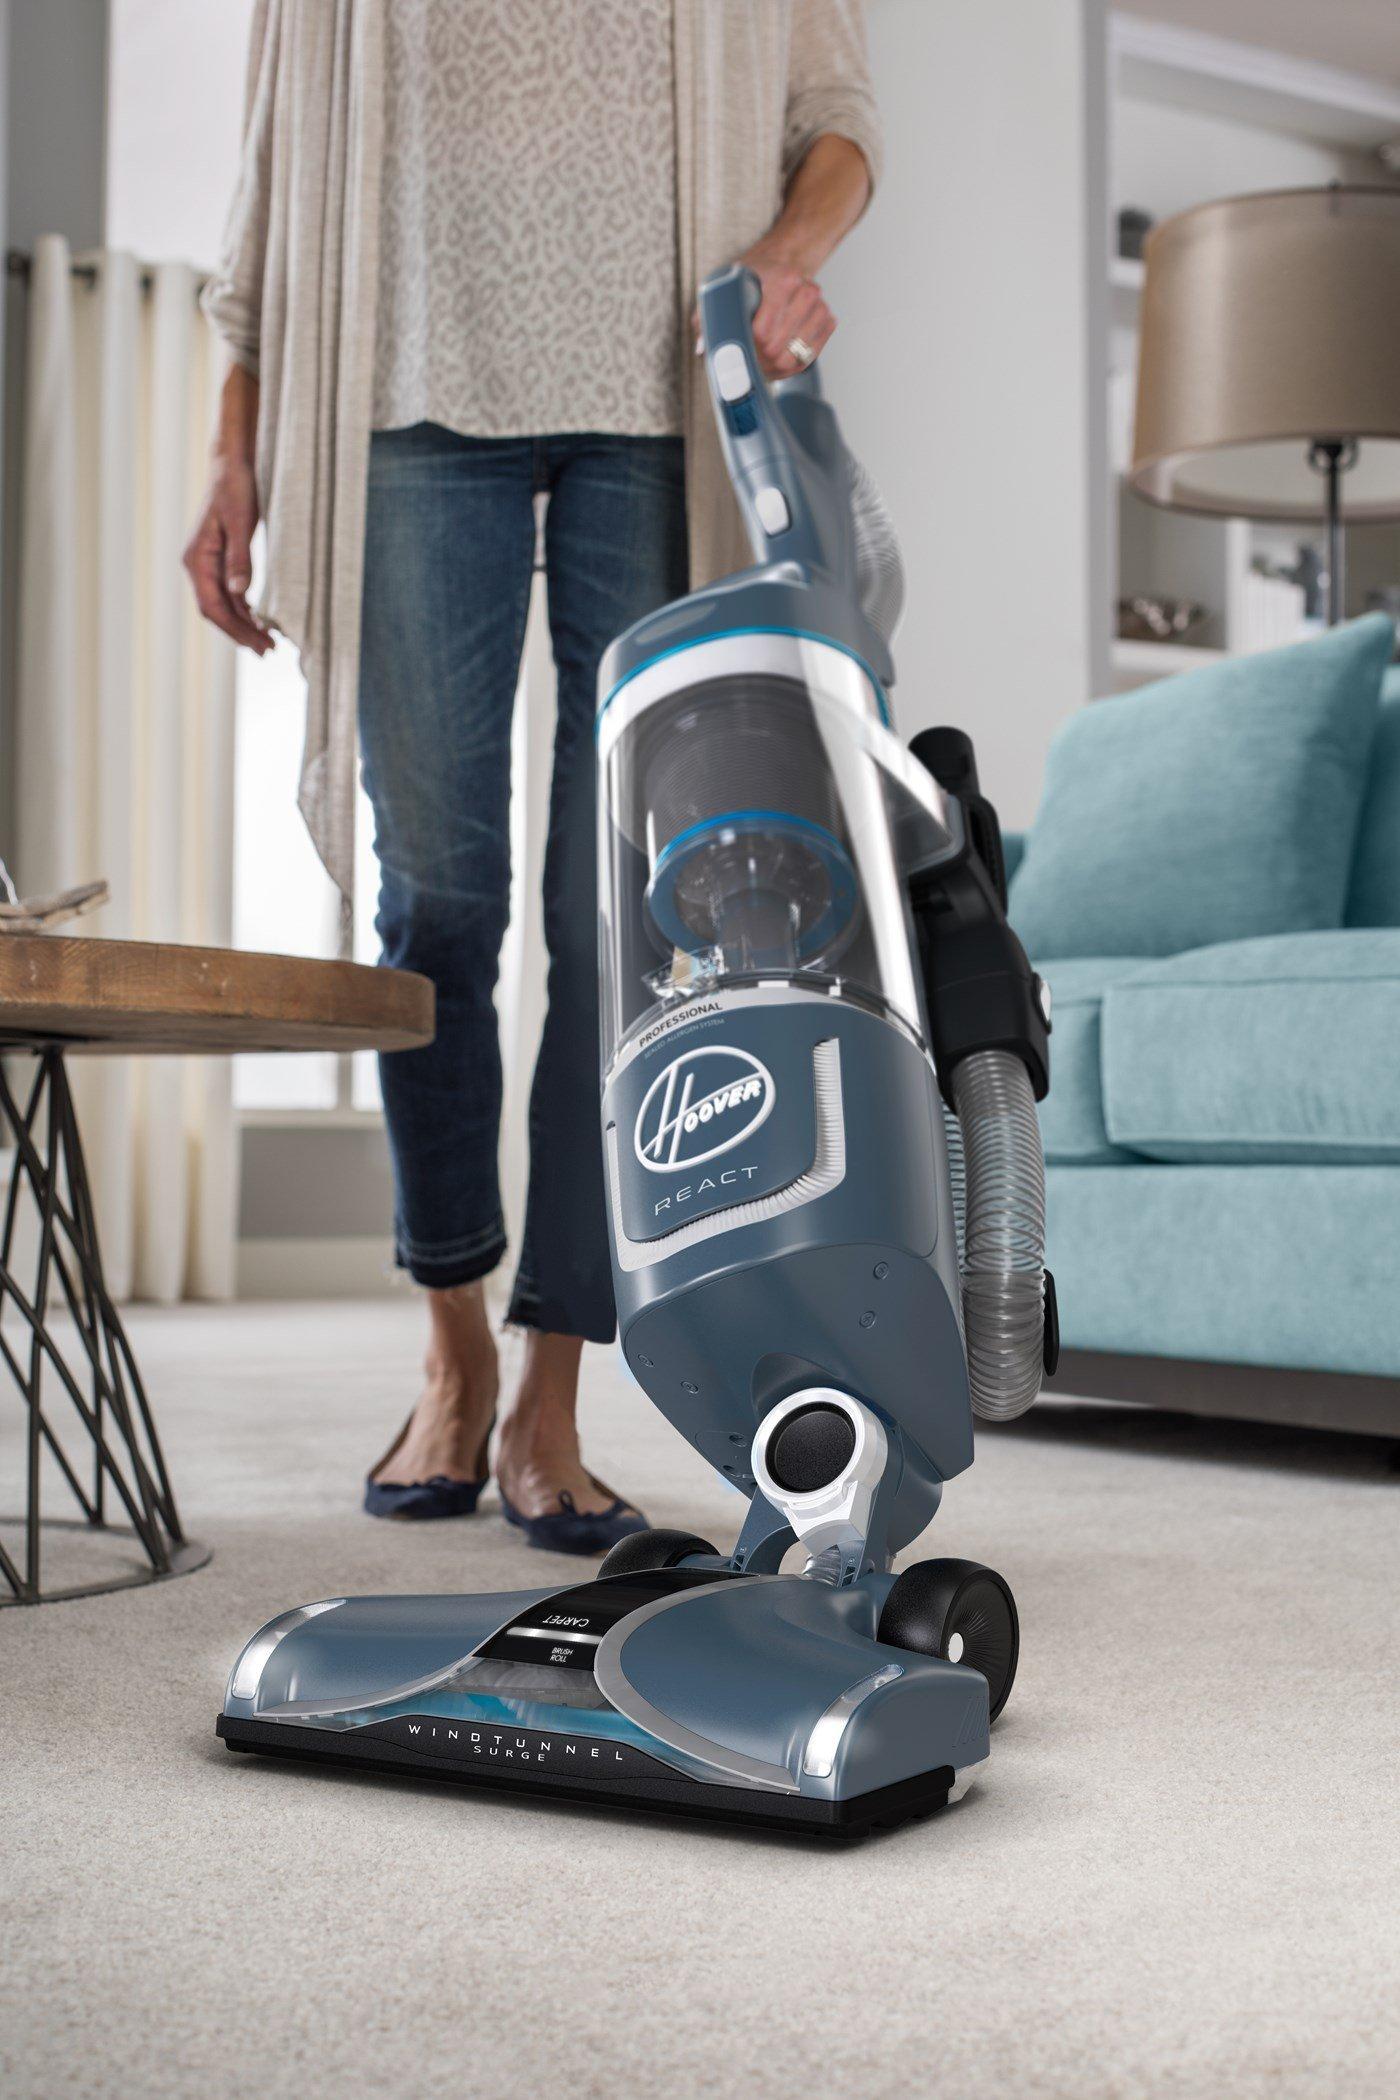 REACT Professional Pet Plus Upright Vacuum6